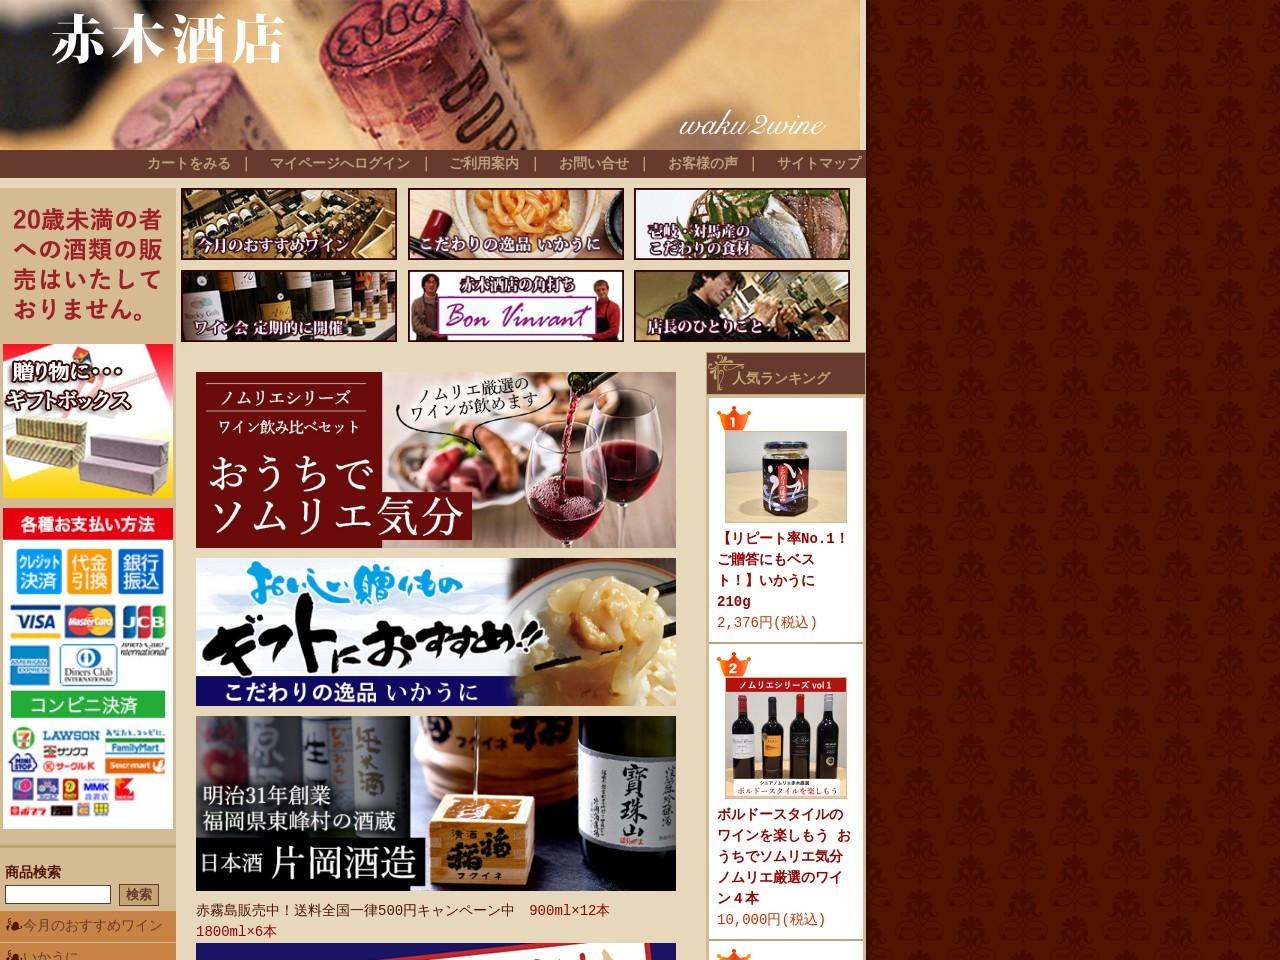 ワインを中心に世界のリキュール、スピリッツ、日本酒、焼酎など数多く取りそろえております。